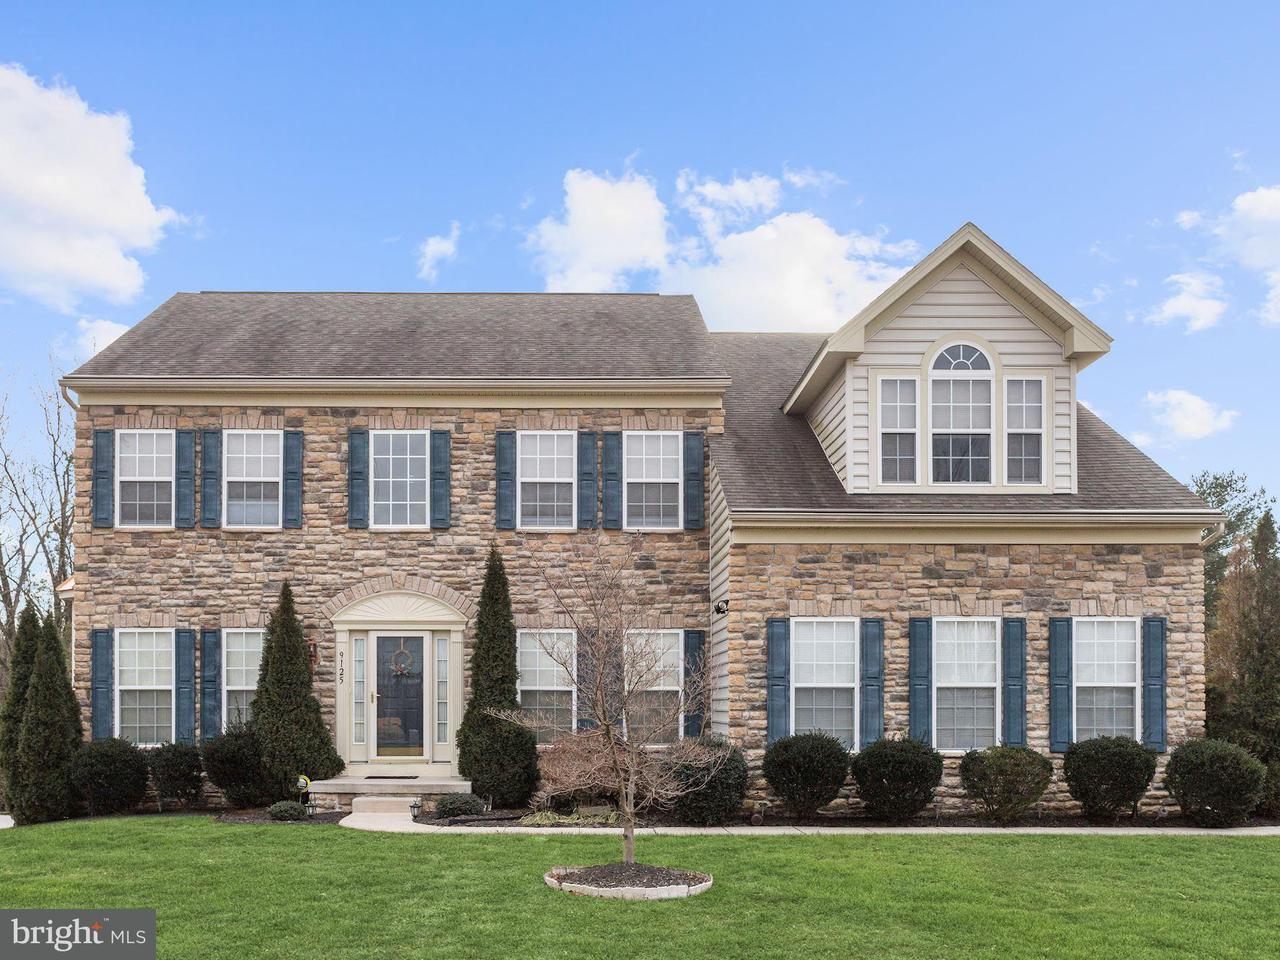 独户住宅 为 销售 在 9125 Rexis Avenue 9125 Rexis Avenue Perry Hall, 马里兰州 21128 美国